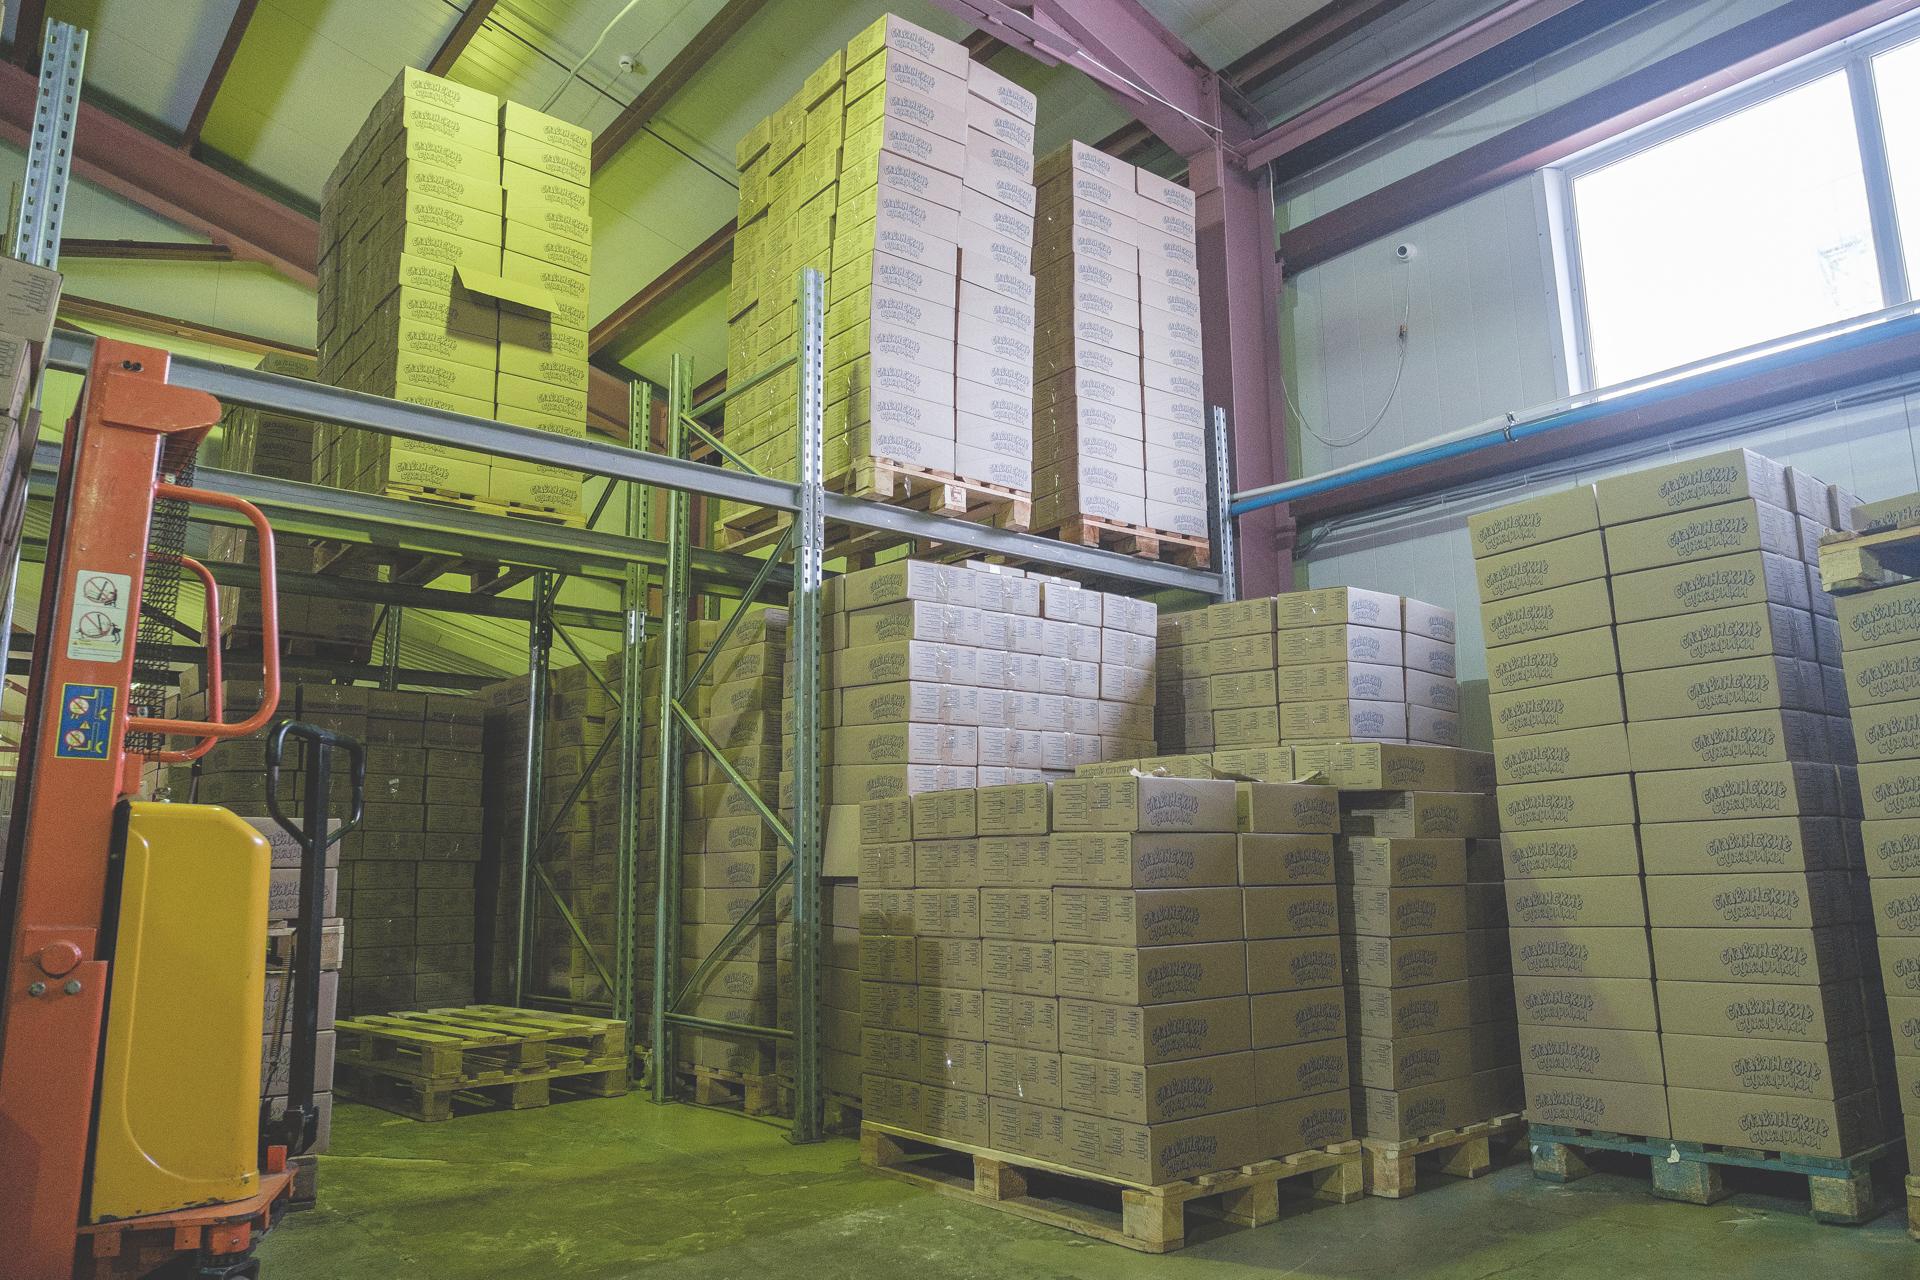 Цвет надписей на коробках зависит от того, сухарики или гренки лежат внутри